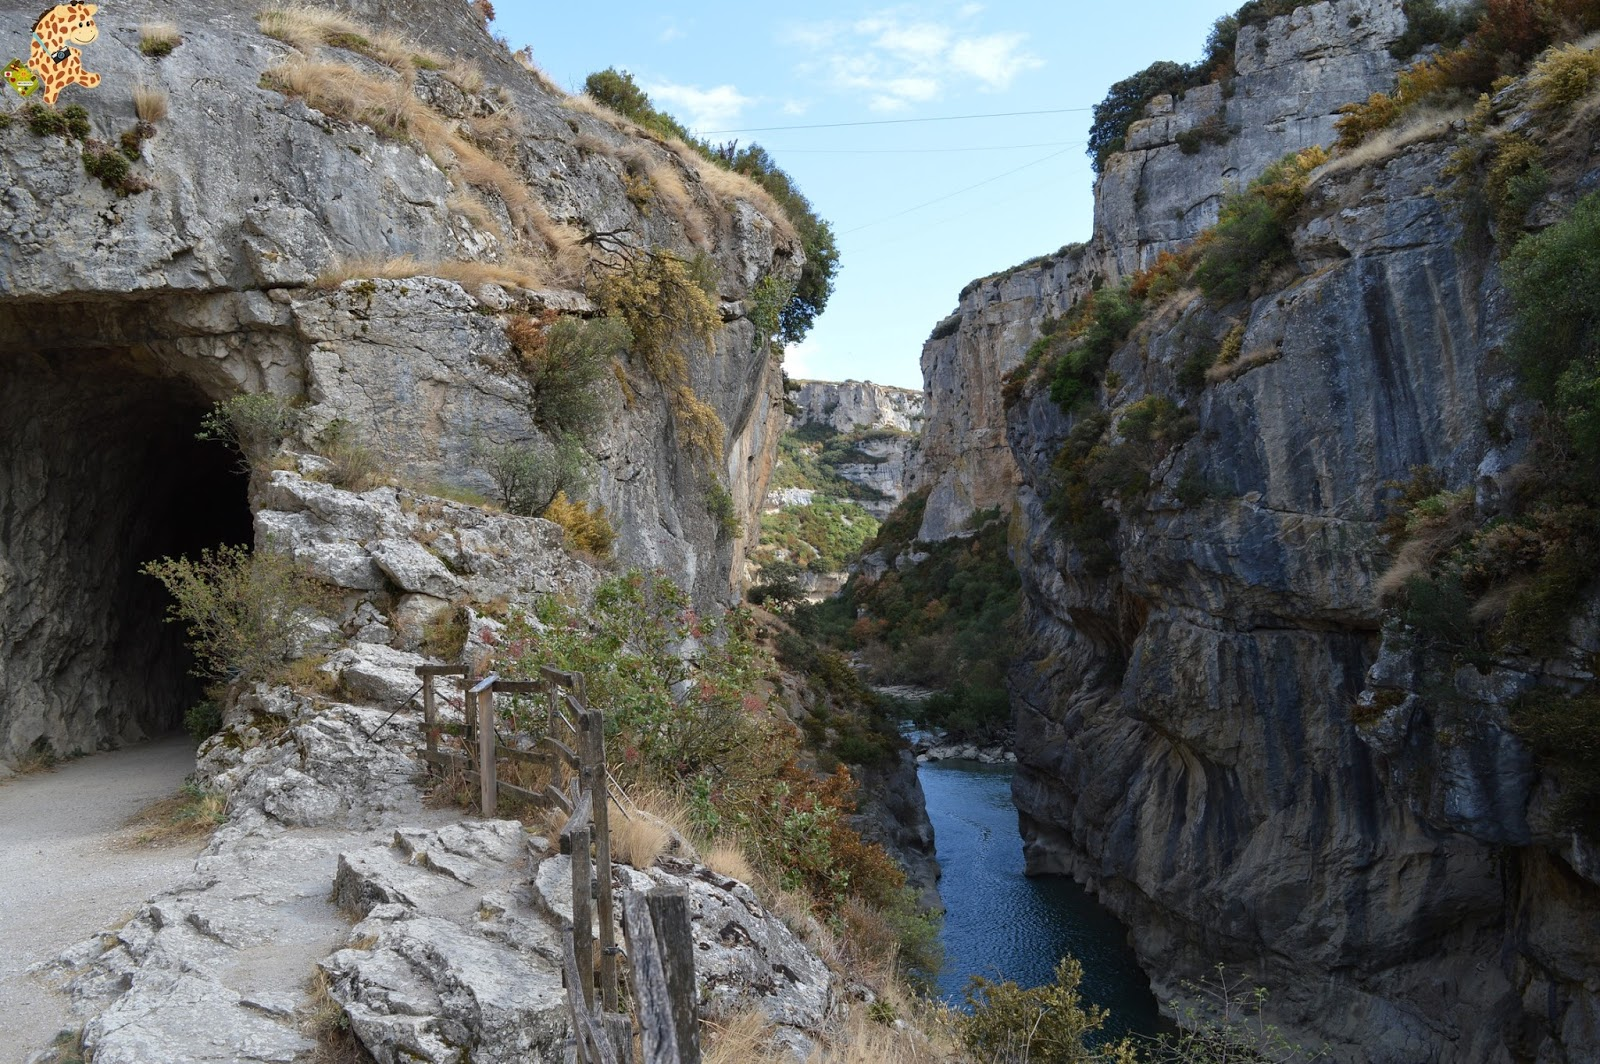 Foces de Navarra: Foz de Lumbier y Foz de Arbayún